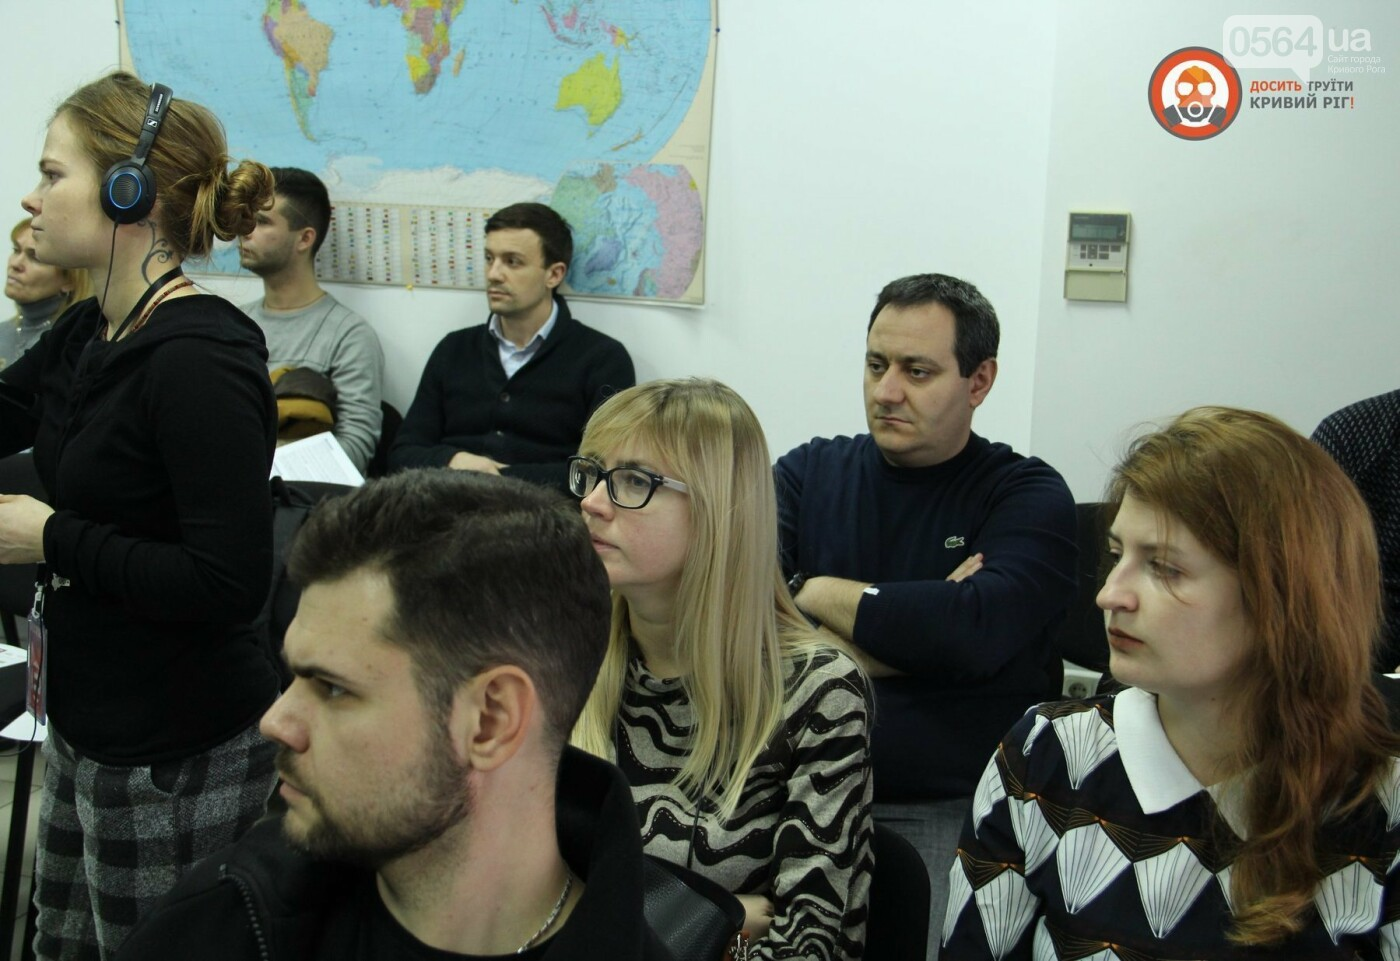 В Кривом Роге презентовали результаты исследований международной команды экологов, - ФОТО, ВИДЕО, фото-9